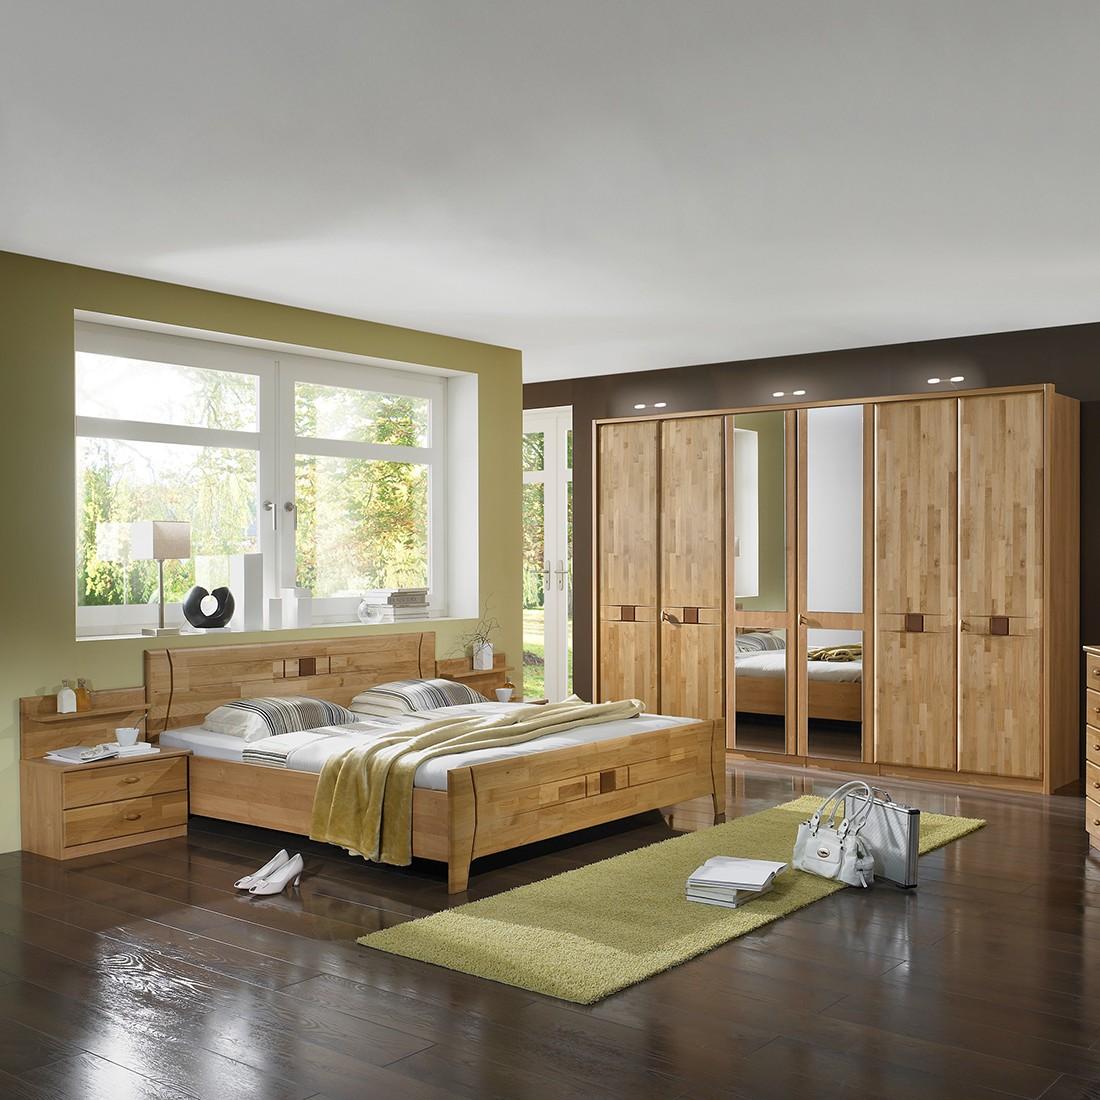 Schlafzimmermöbel Venus Venus (4-teilig) – Erle teilmassiv – Bett, zwei Nachtkommoden & Schrank – Liegefläche: 200 x 200 cm cm, Franco Möbel günstig kaufen